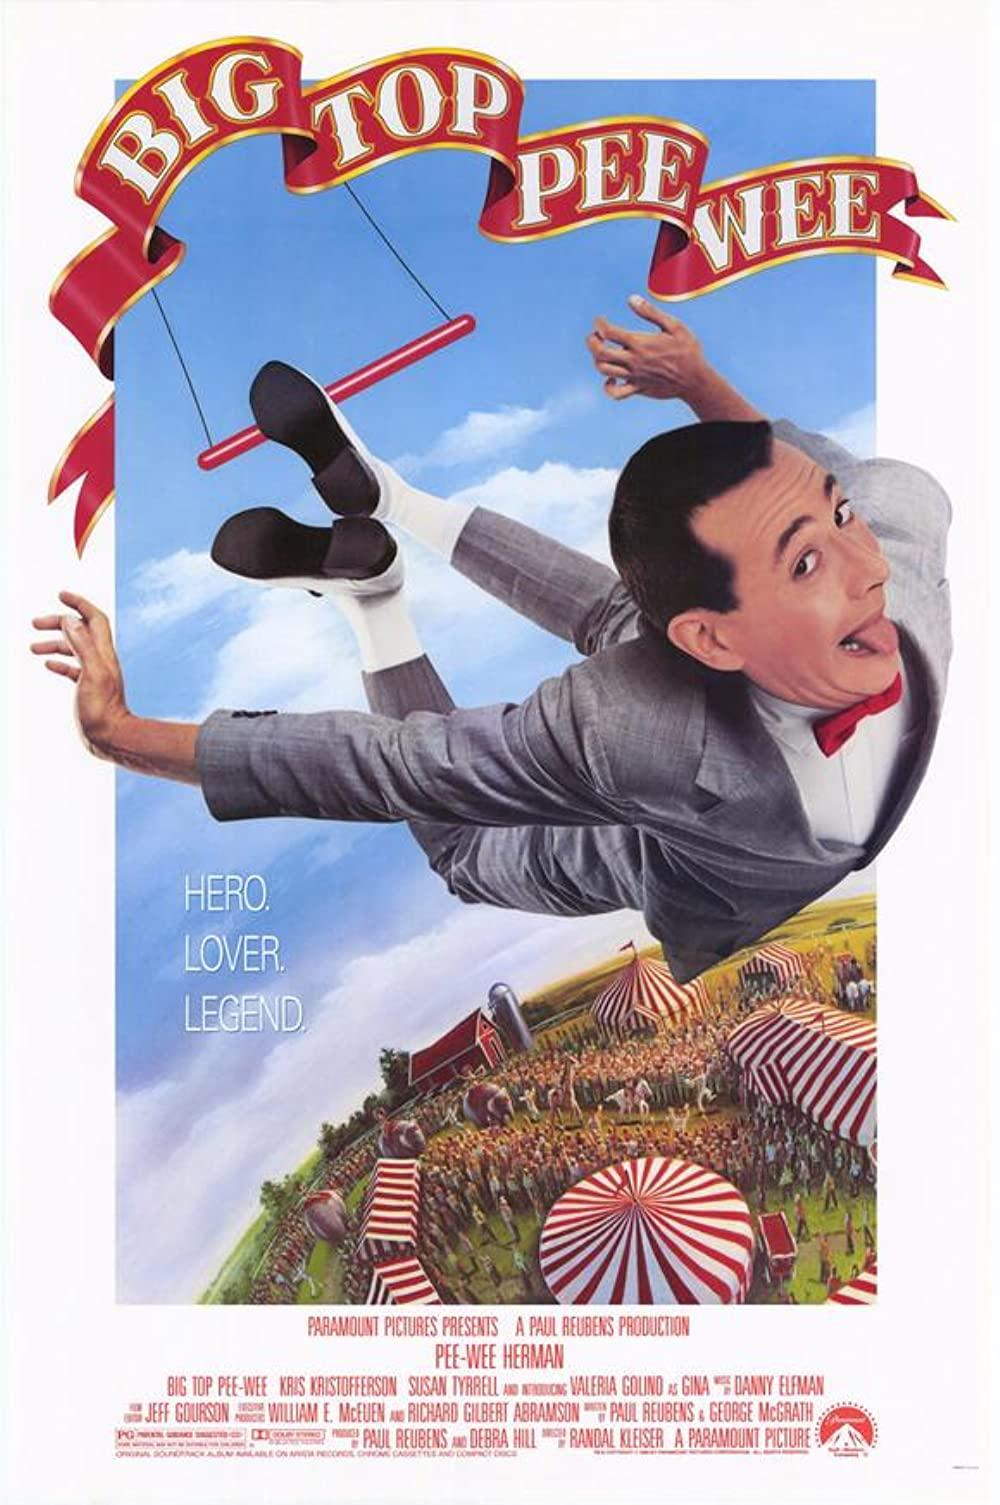 El gran circo de Pee-wee